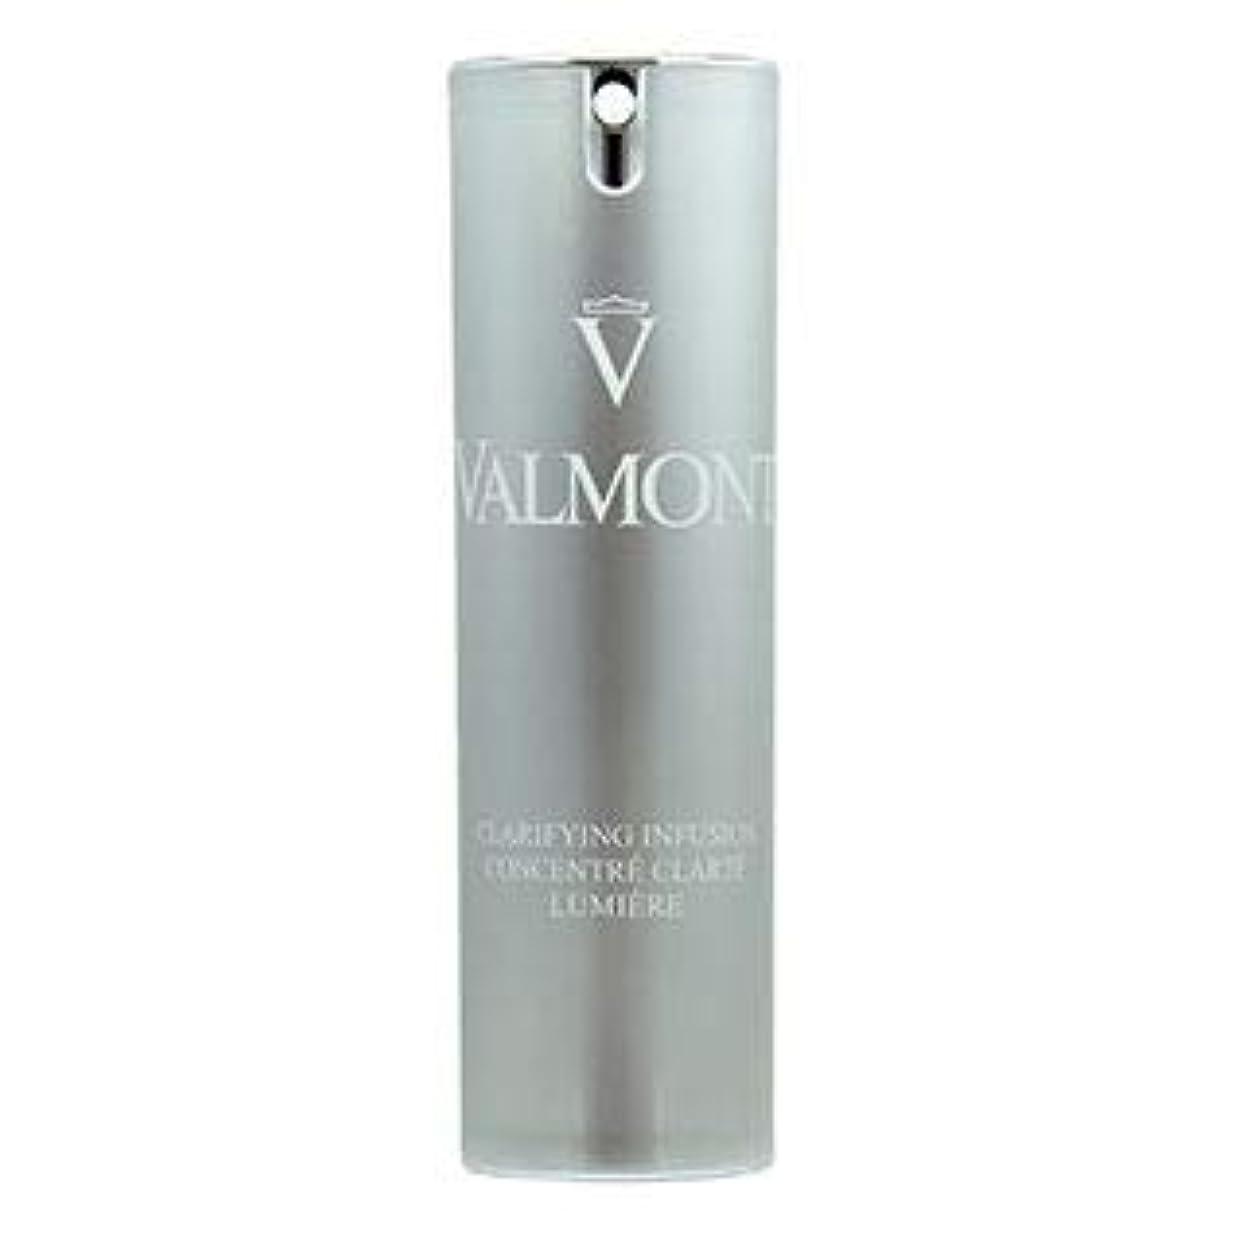 ヴァルモン(VALMONT) エキスパート オブ ライト クラリファイイング インフュージョン 30ml [並行輸入品]